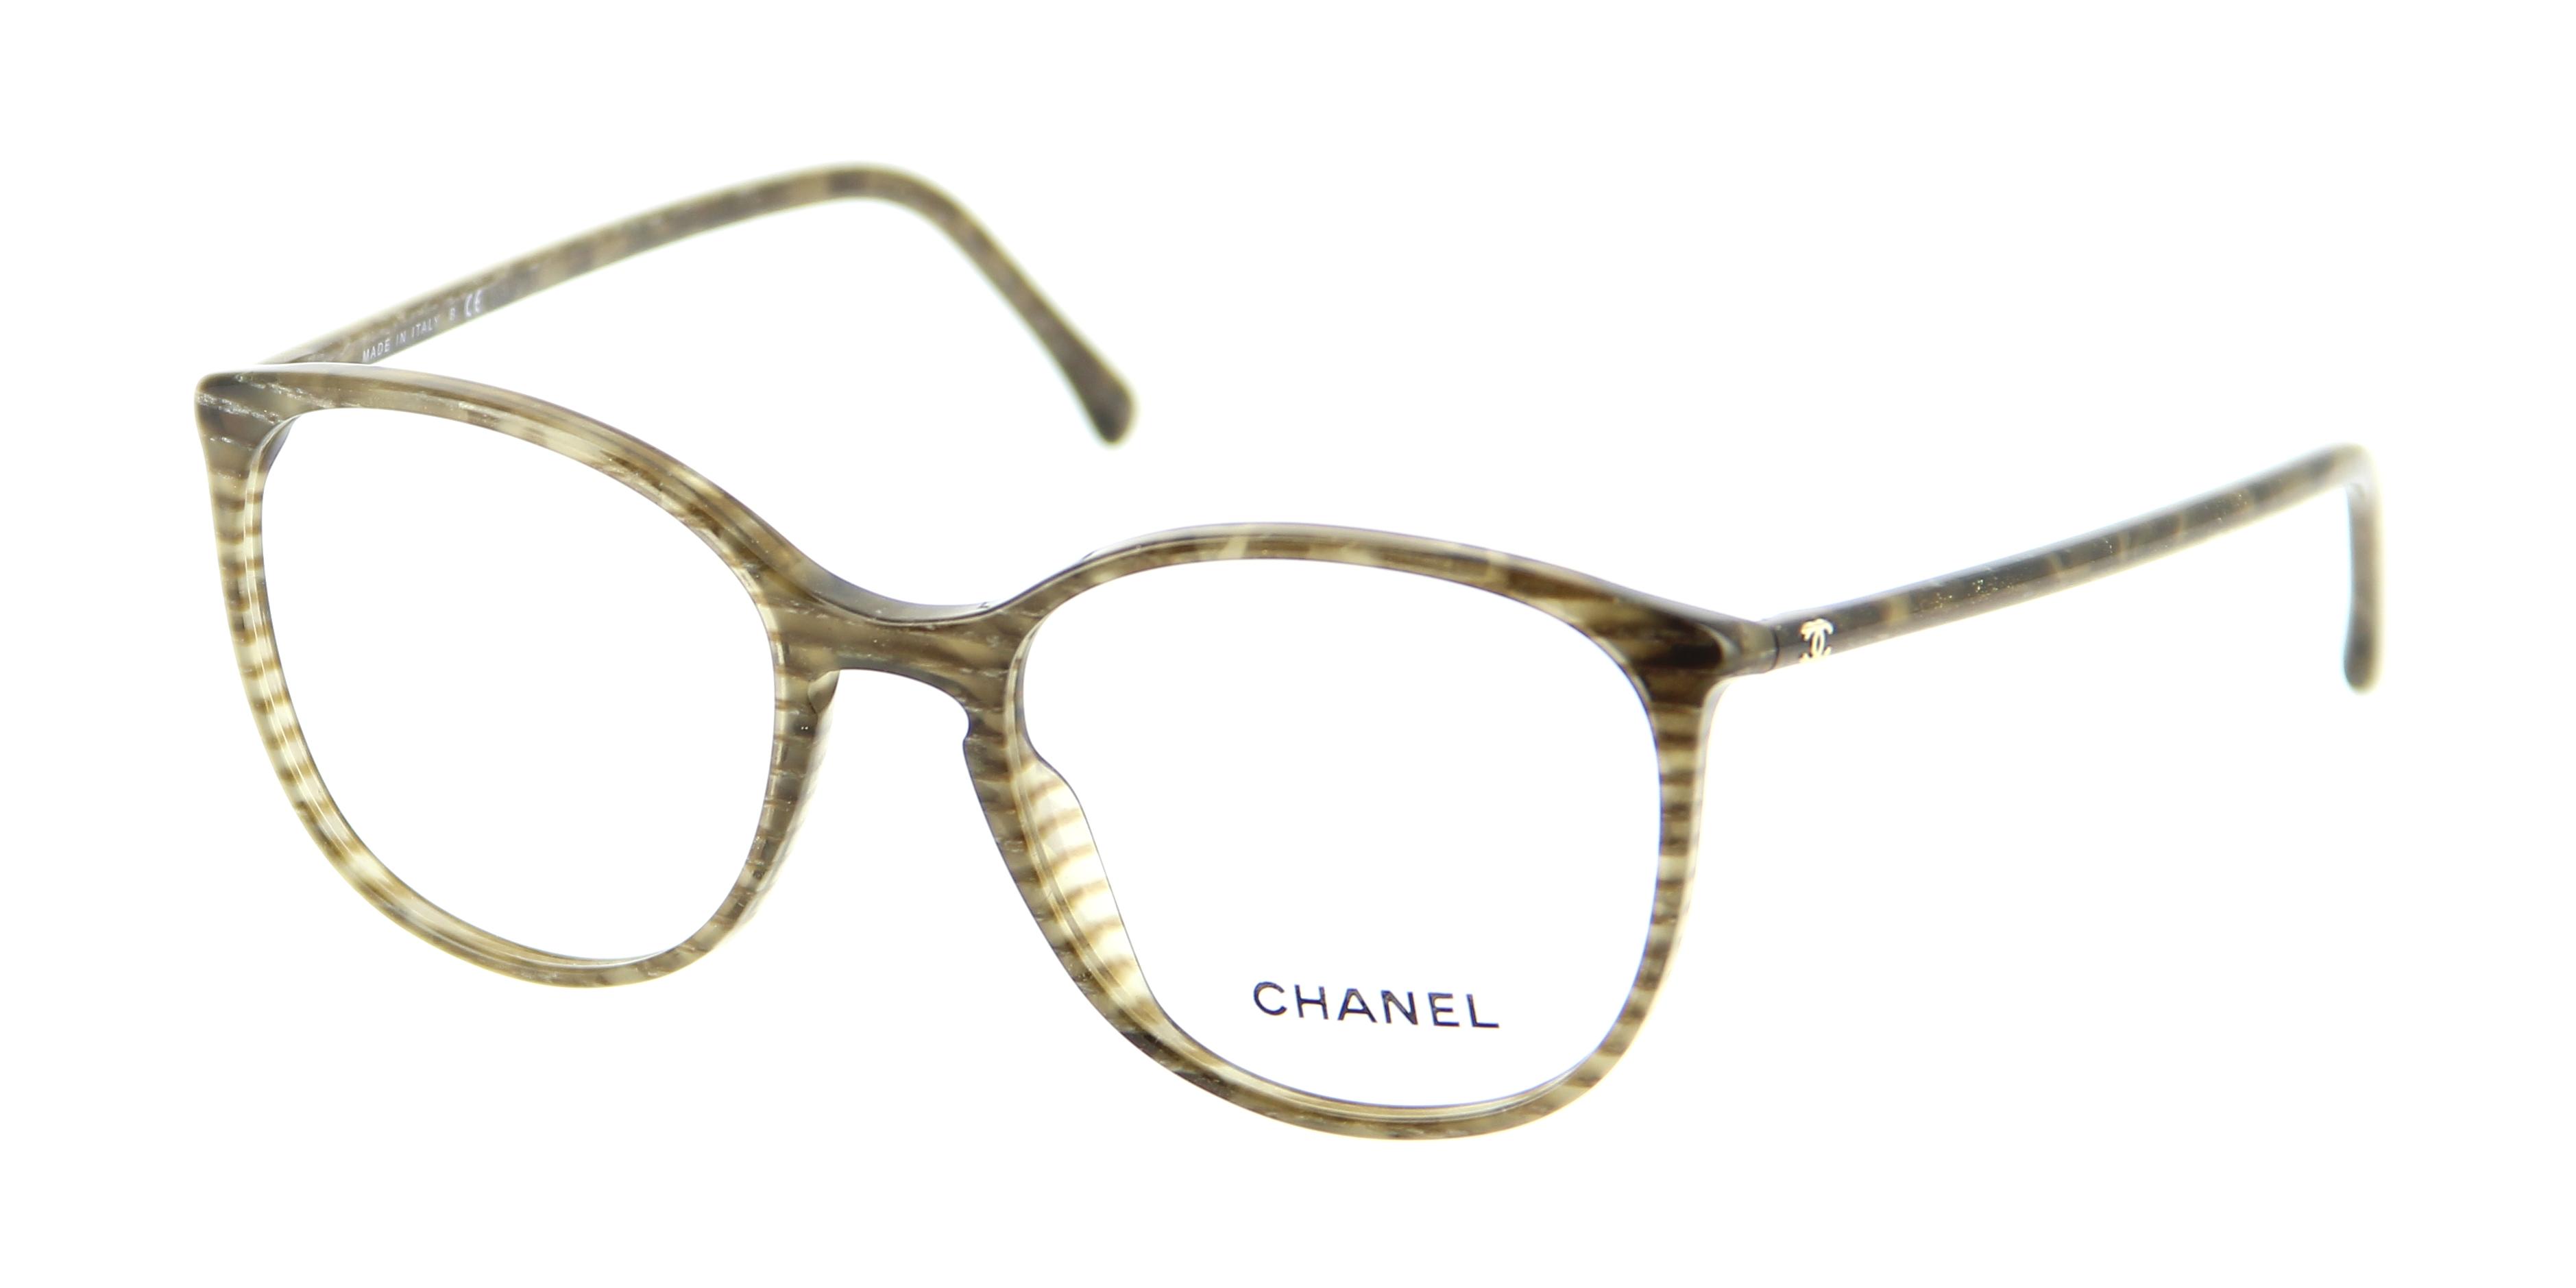 lunettes de vue chanel ch 3282 1444 52 18 femme beige. Black Bedroom Furniture Sets. Home Design Ideas